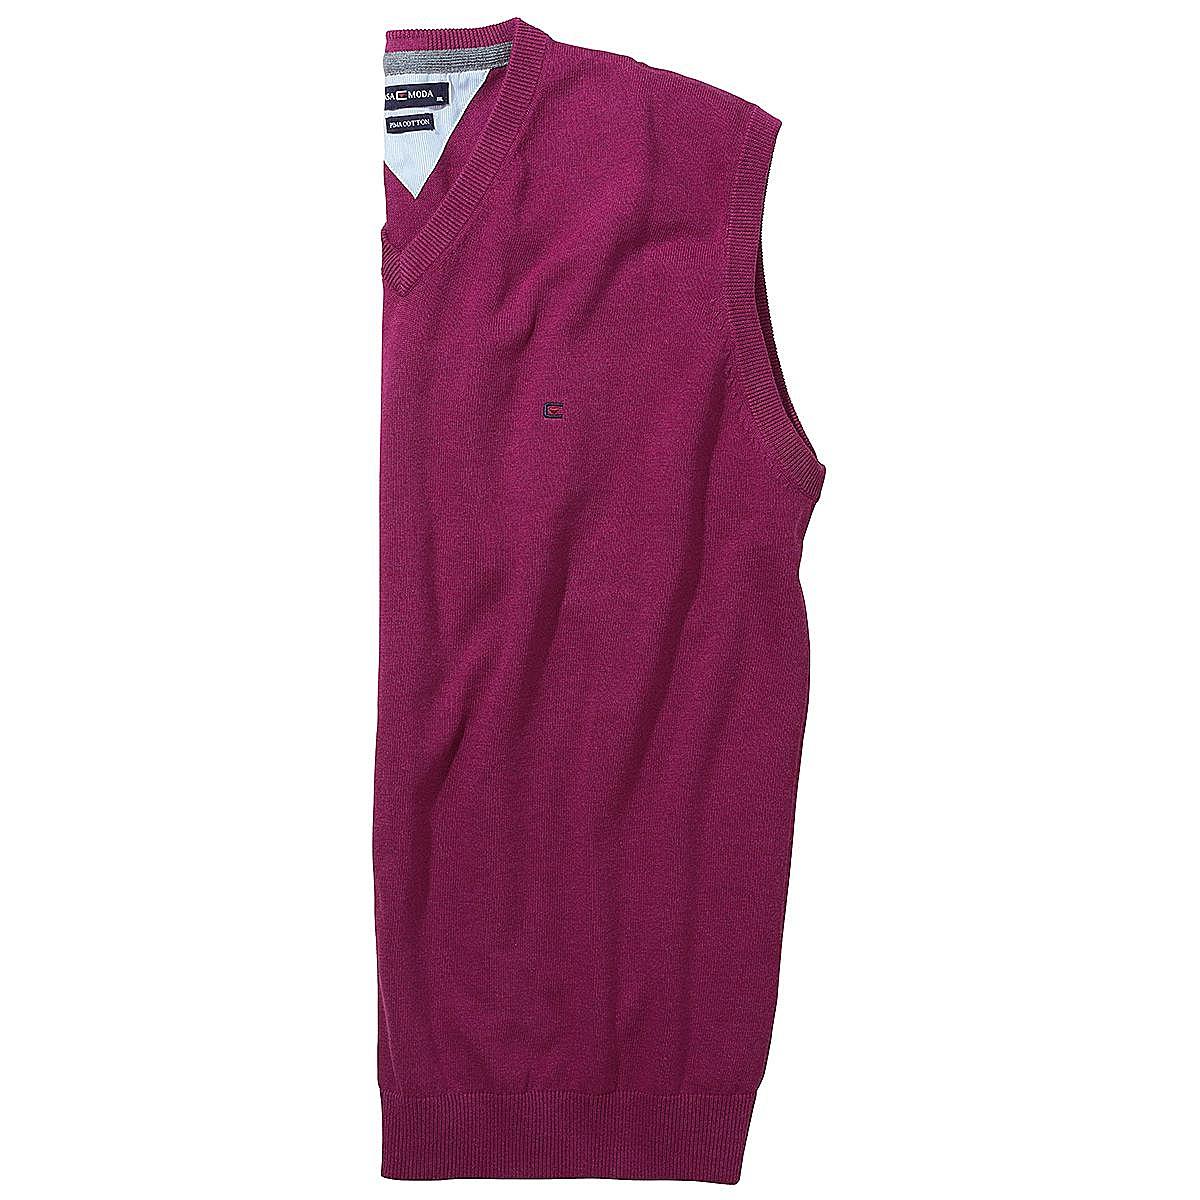 Brombeer Farbe casa moda pullunder weiche baumwolle farbe brombeer